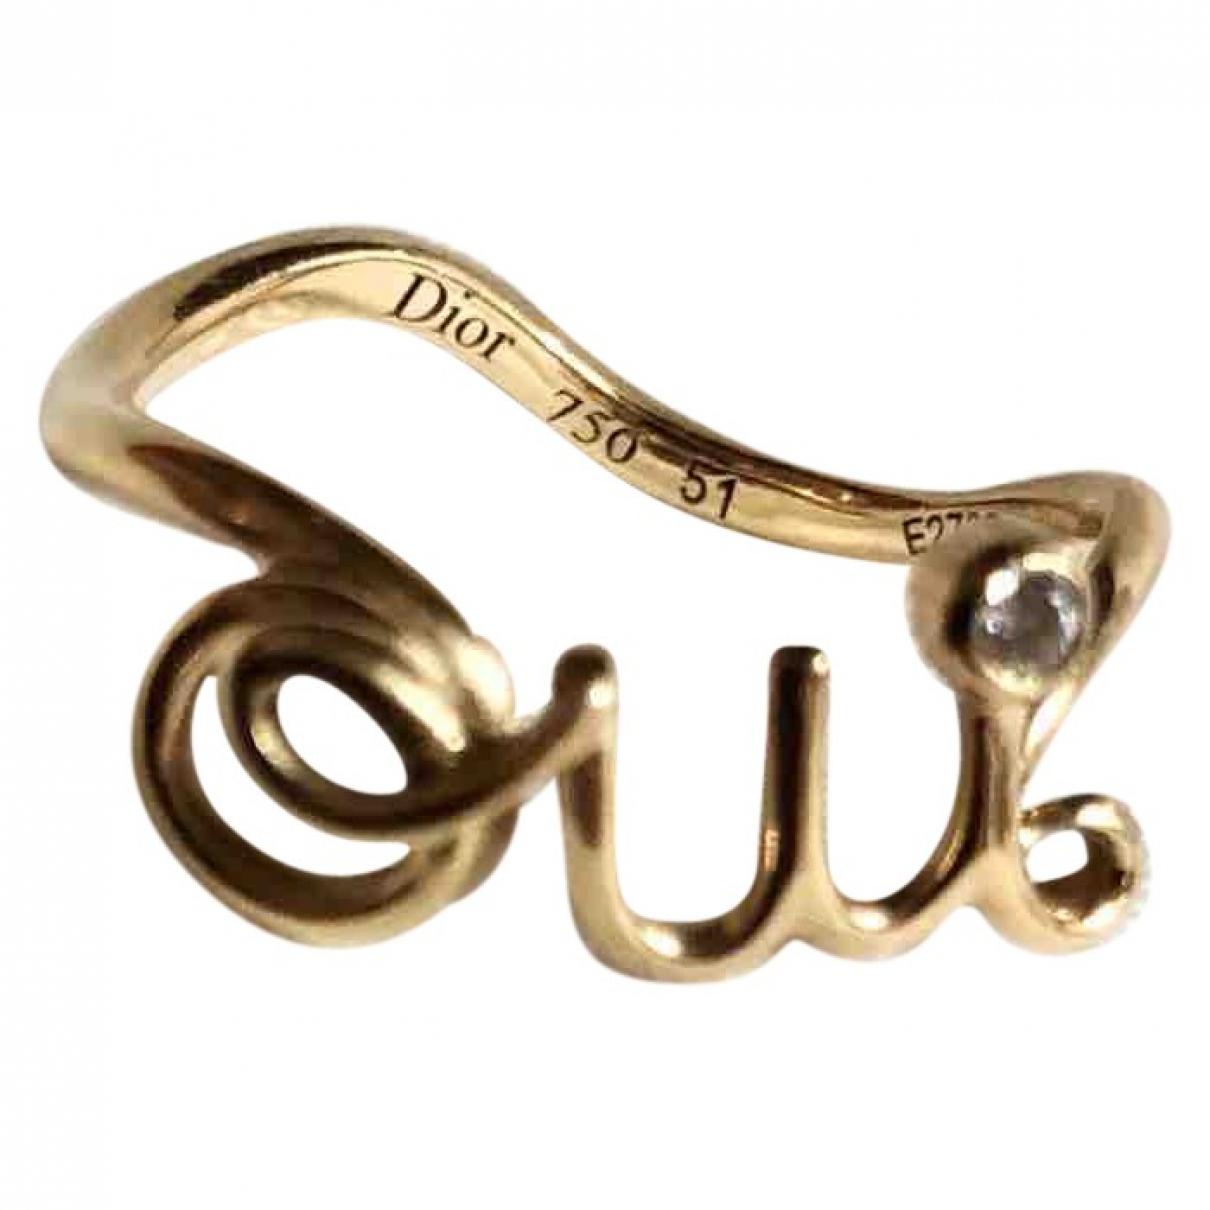 Dior - Bague Oui pour femme en or jaune - dore